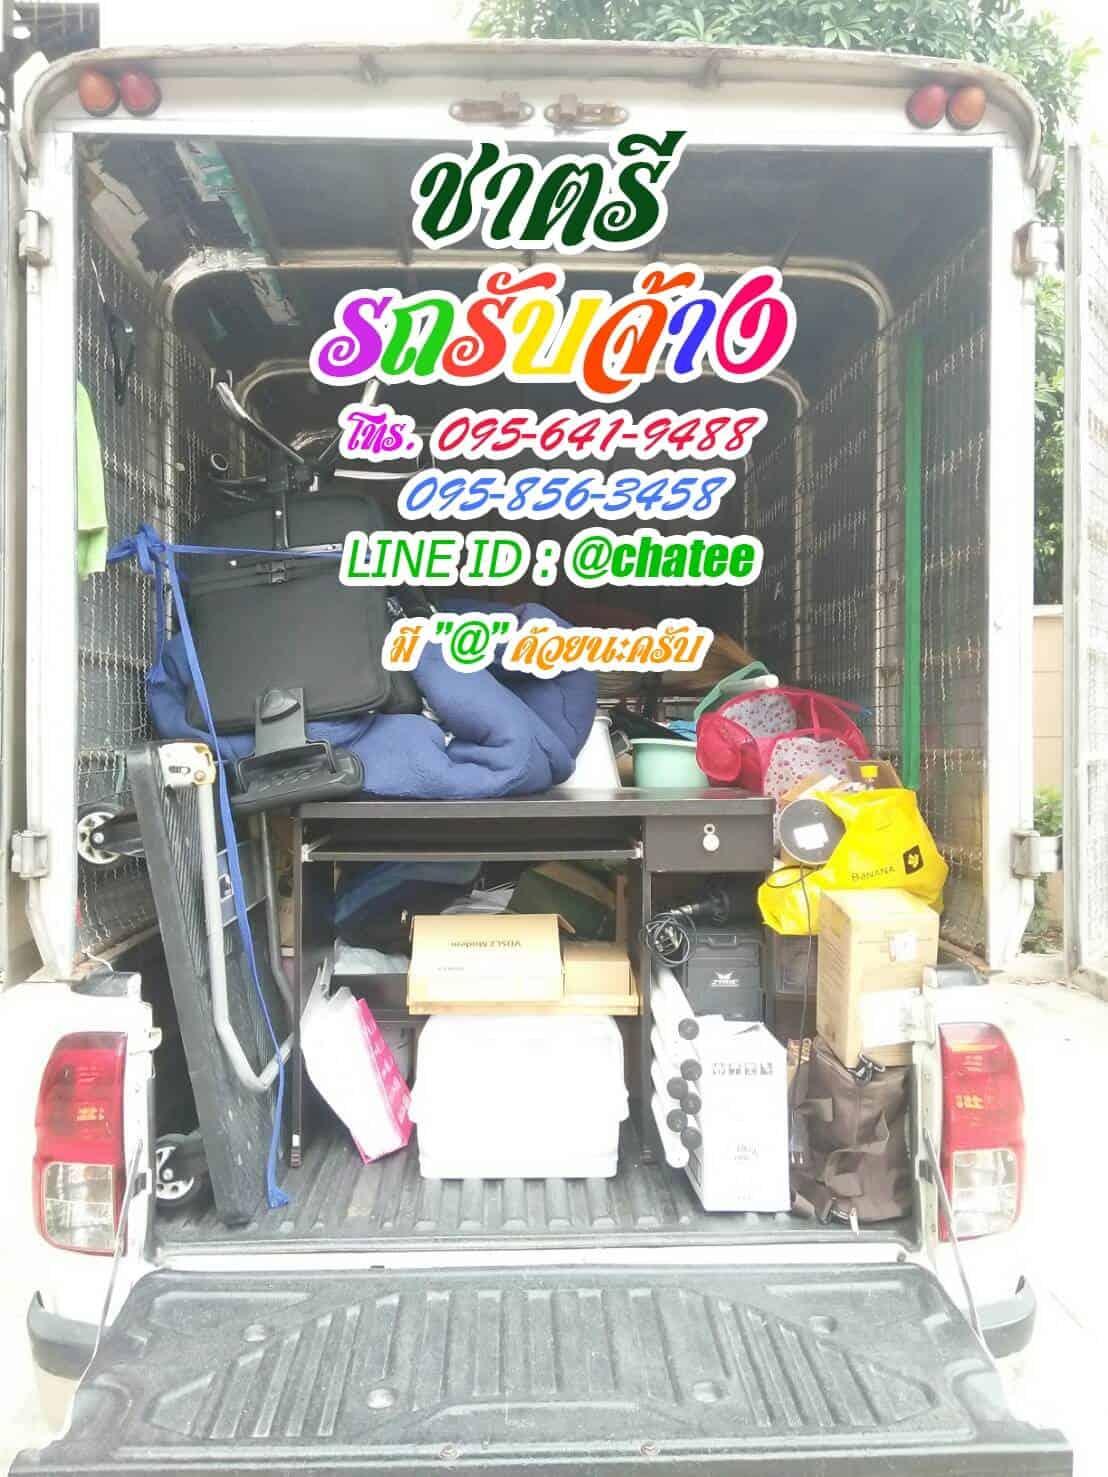 รับย้ายบ้านรถกระบะรับขนของจากบางนาไปเเถวพระนั่งเกล้า